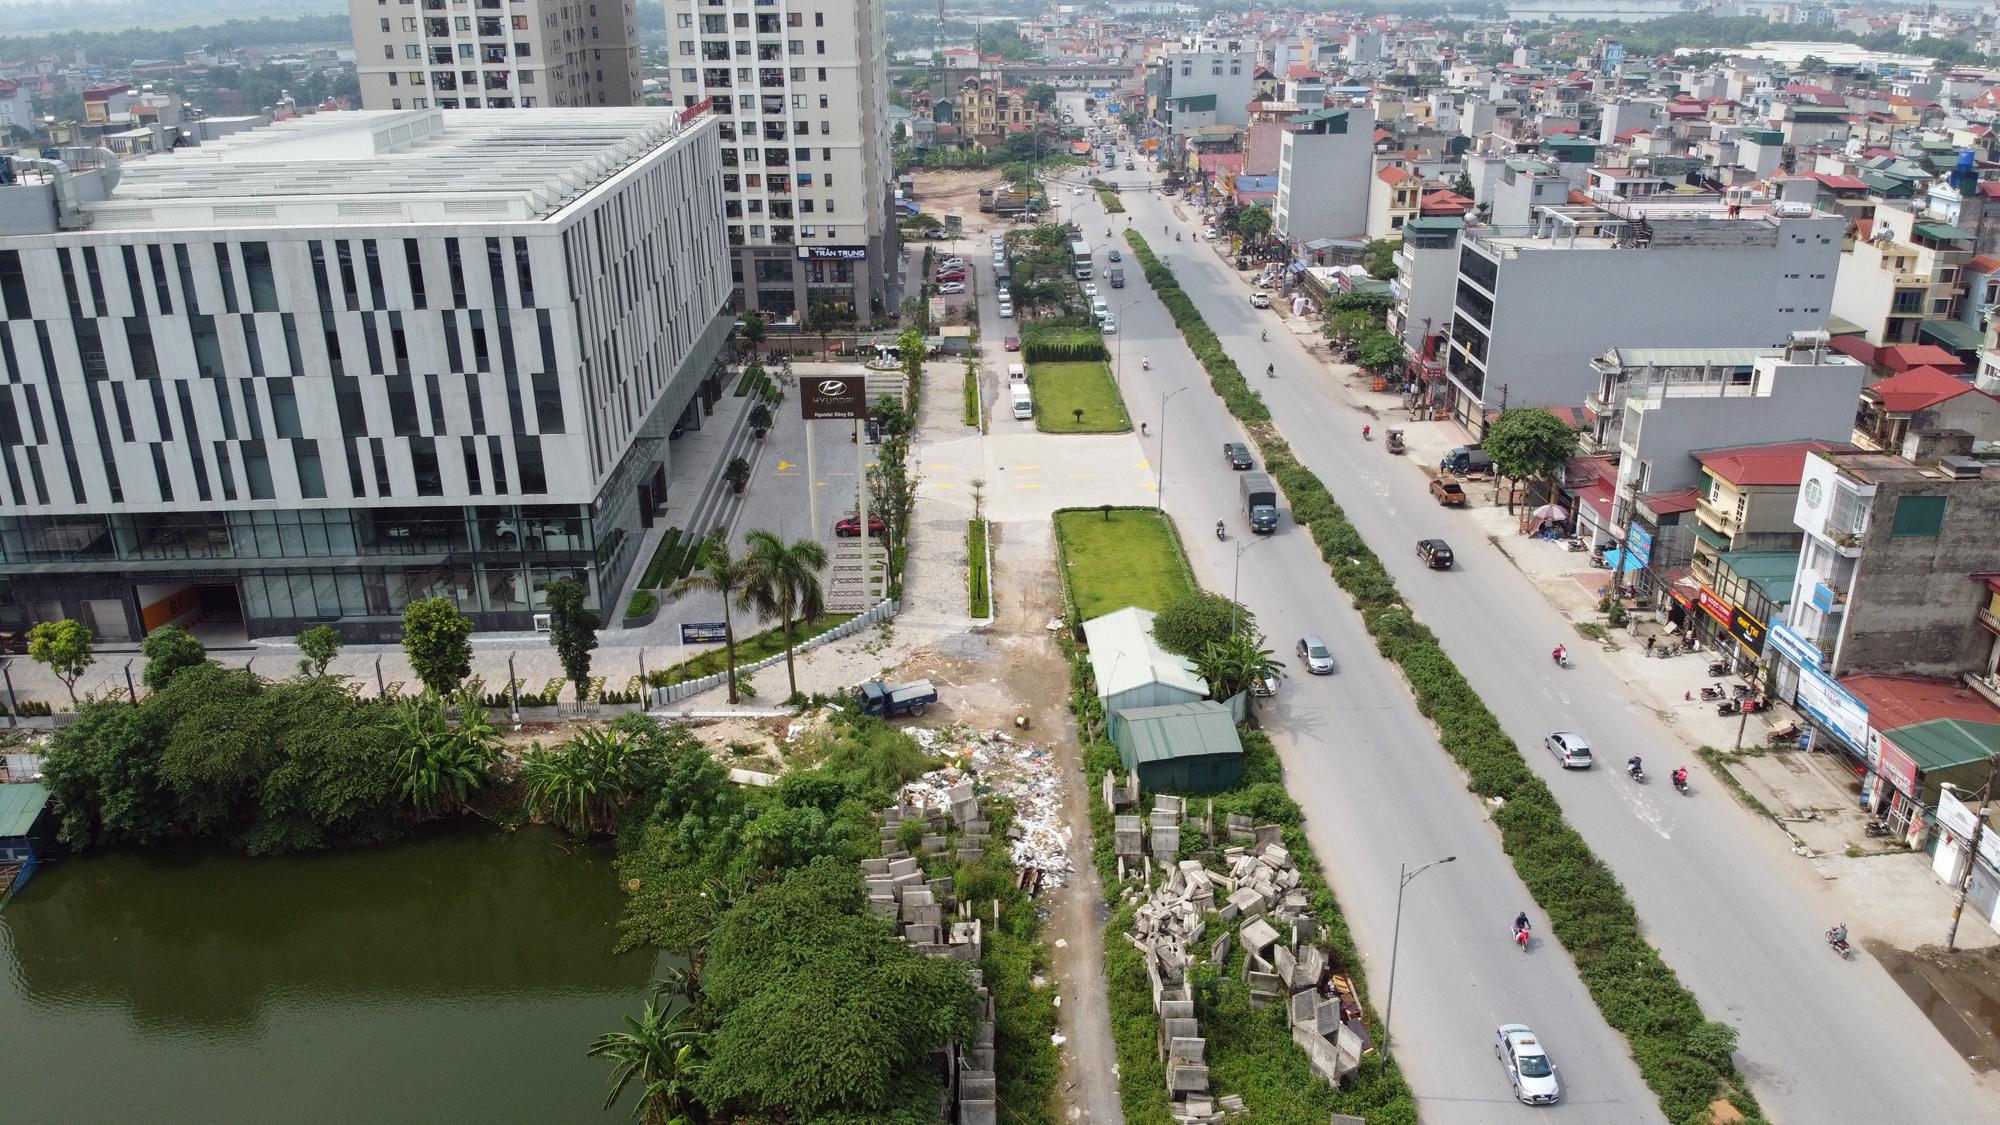 Dự án mở rộng đường Tam Trinh hơn 2.000 tỉ đồng sau 4 năm mới làm được vài trăm mét - Ảnh 6.